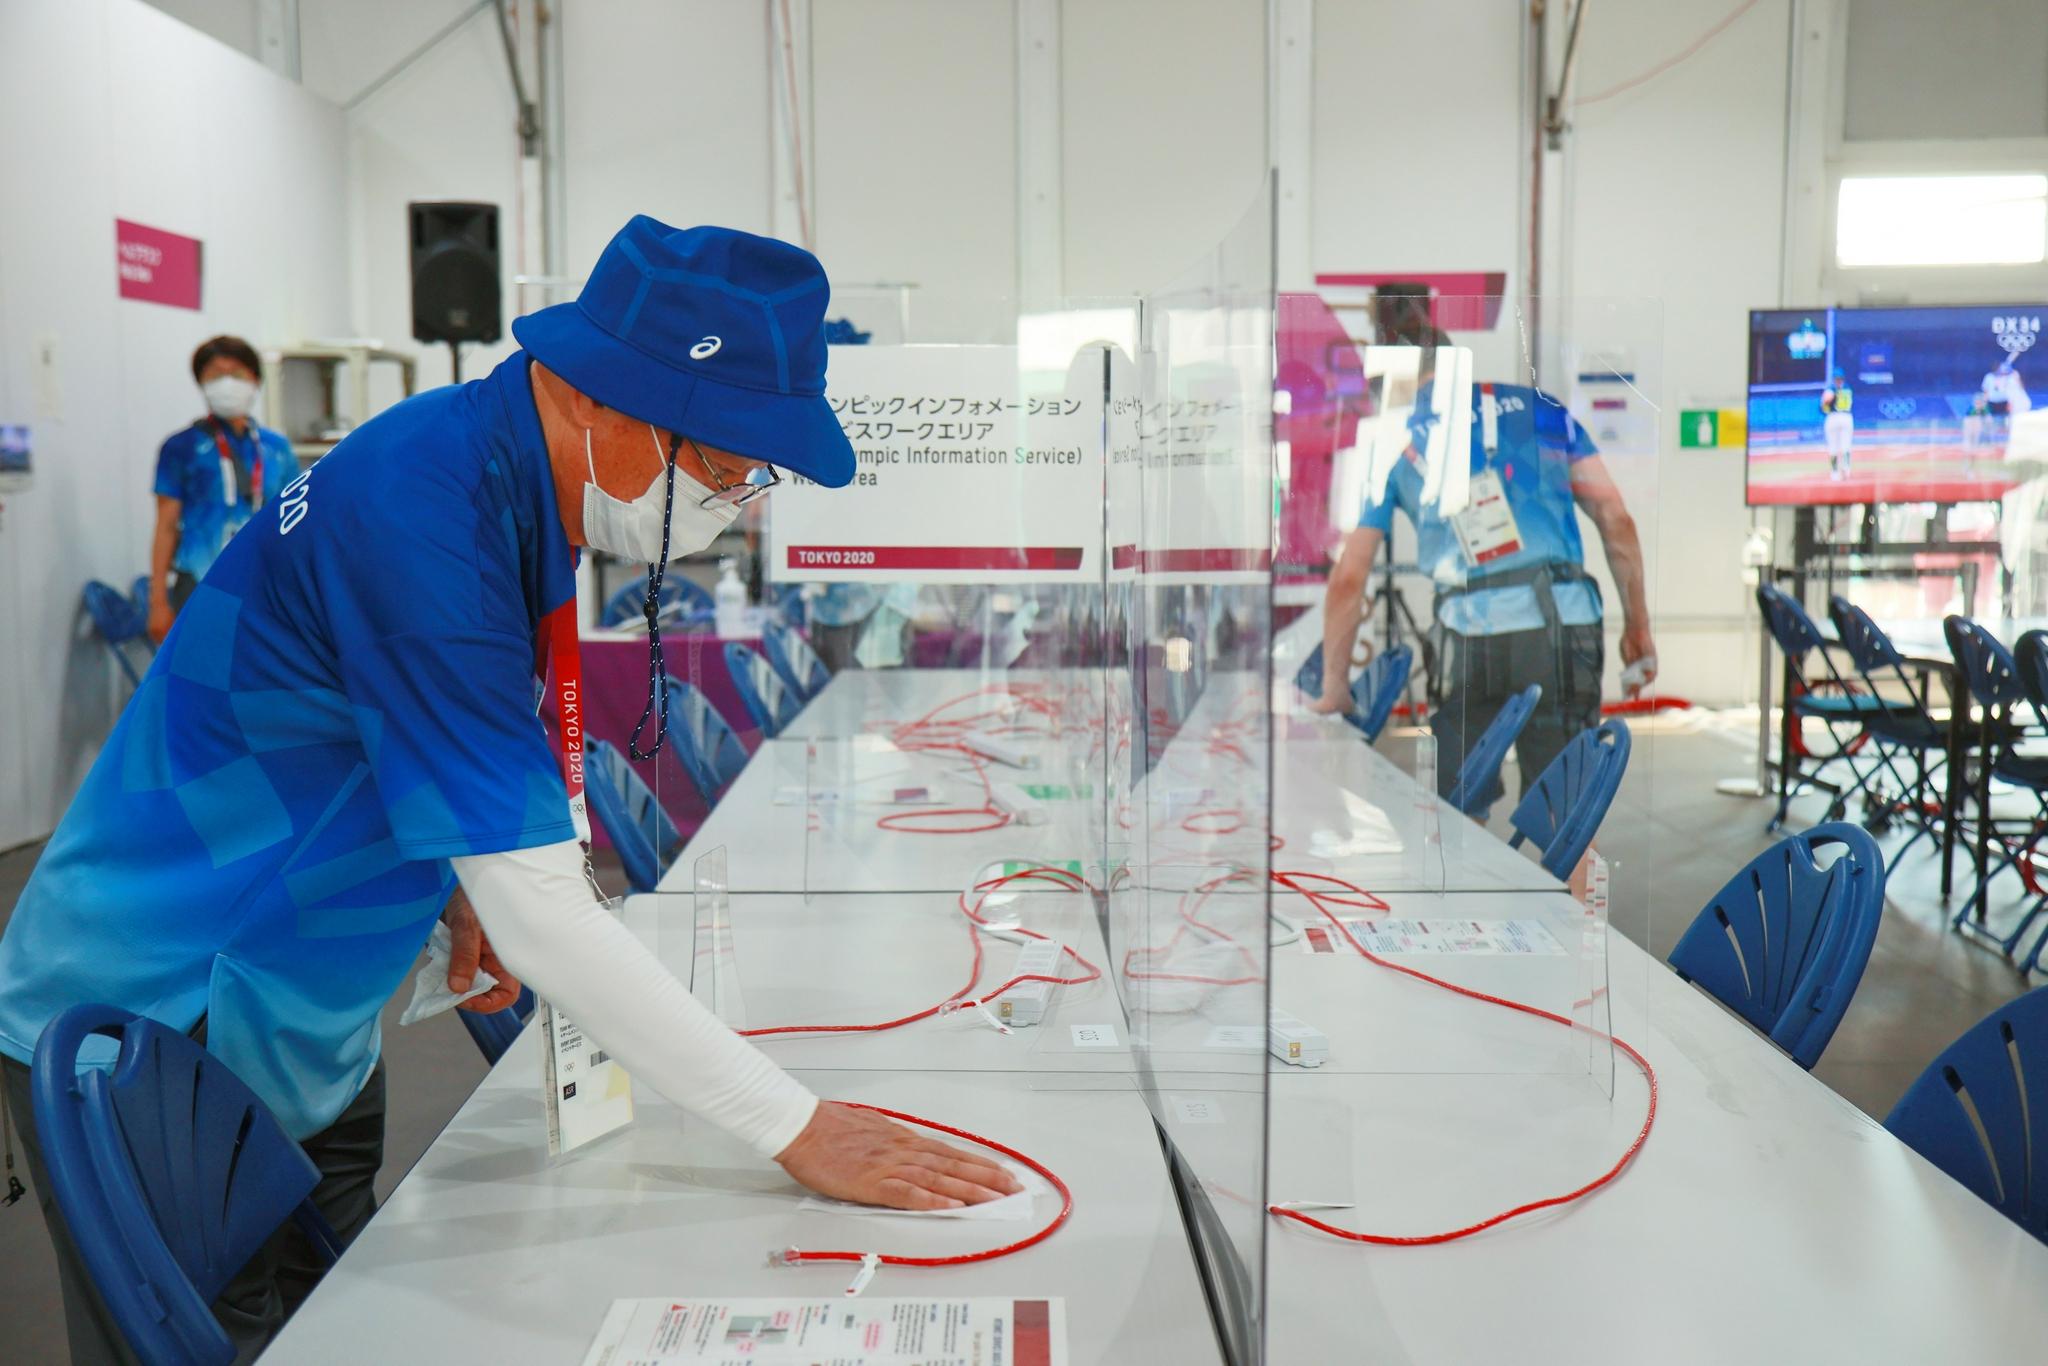 奥运赛场的志愿者。